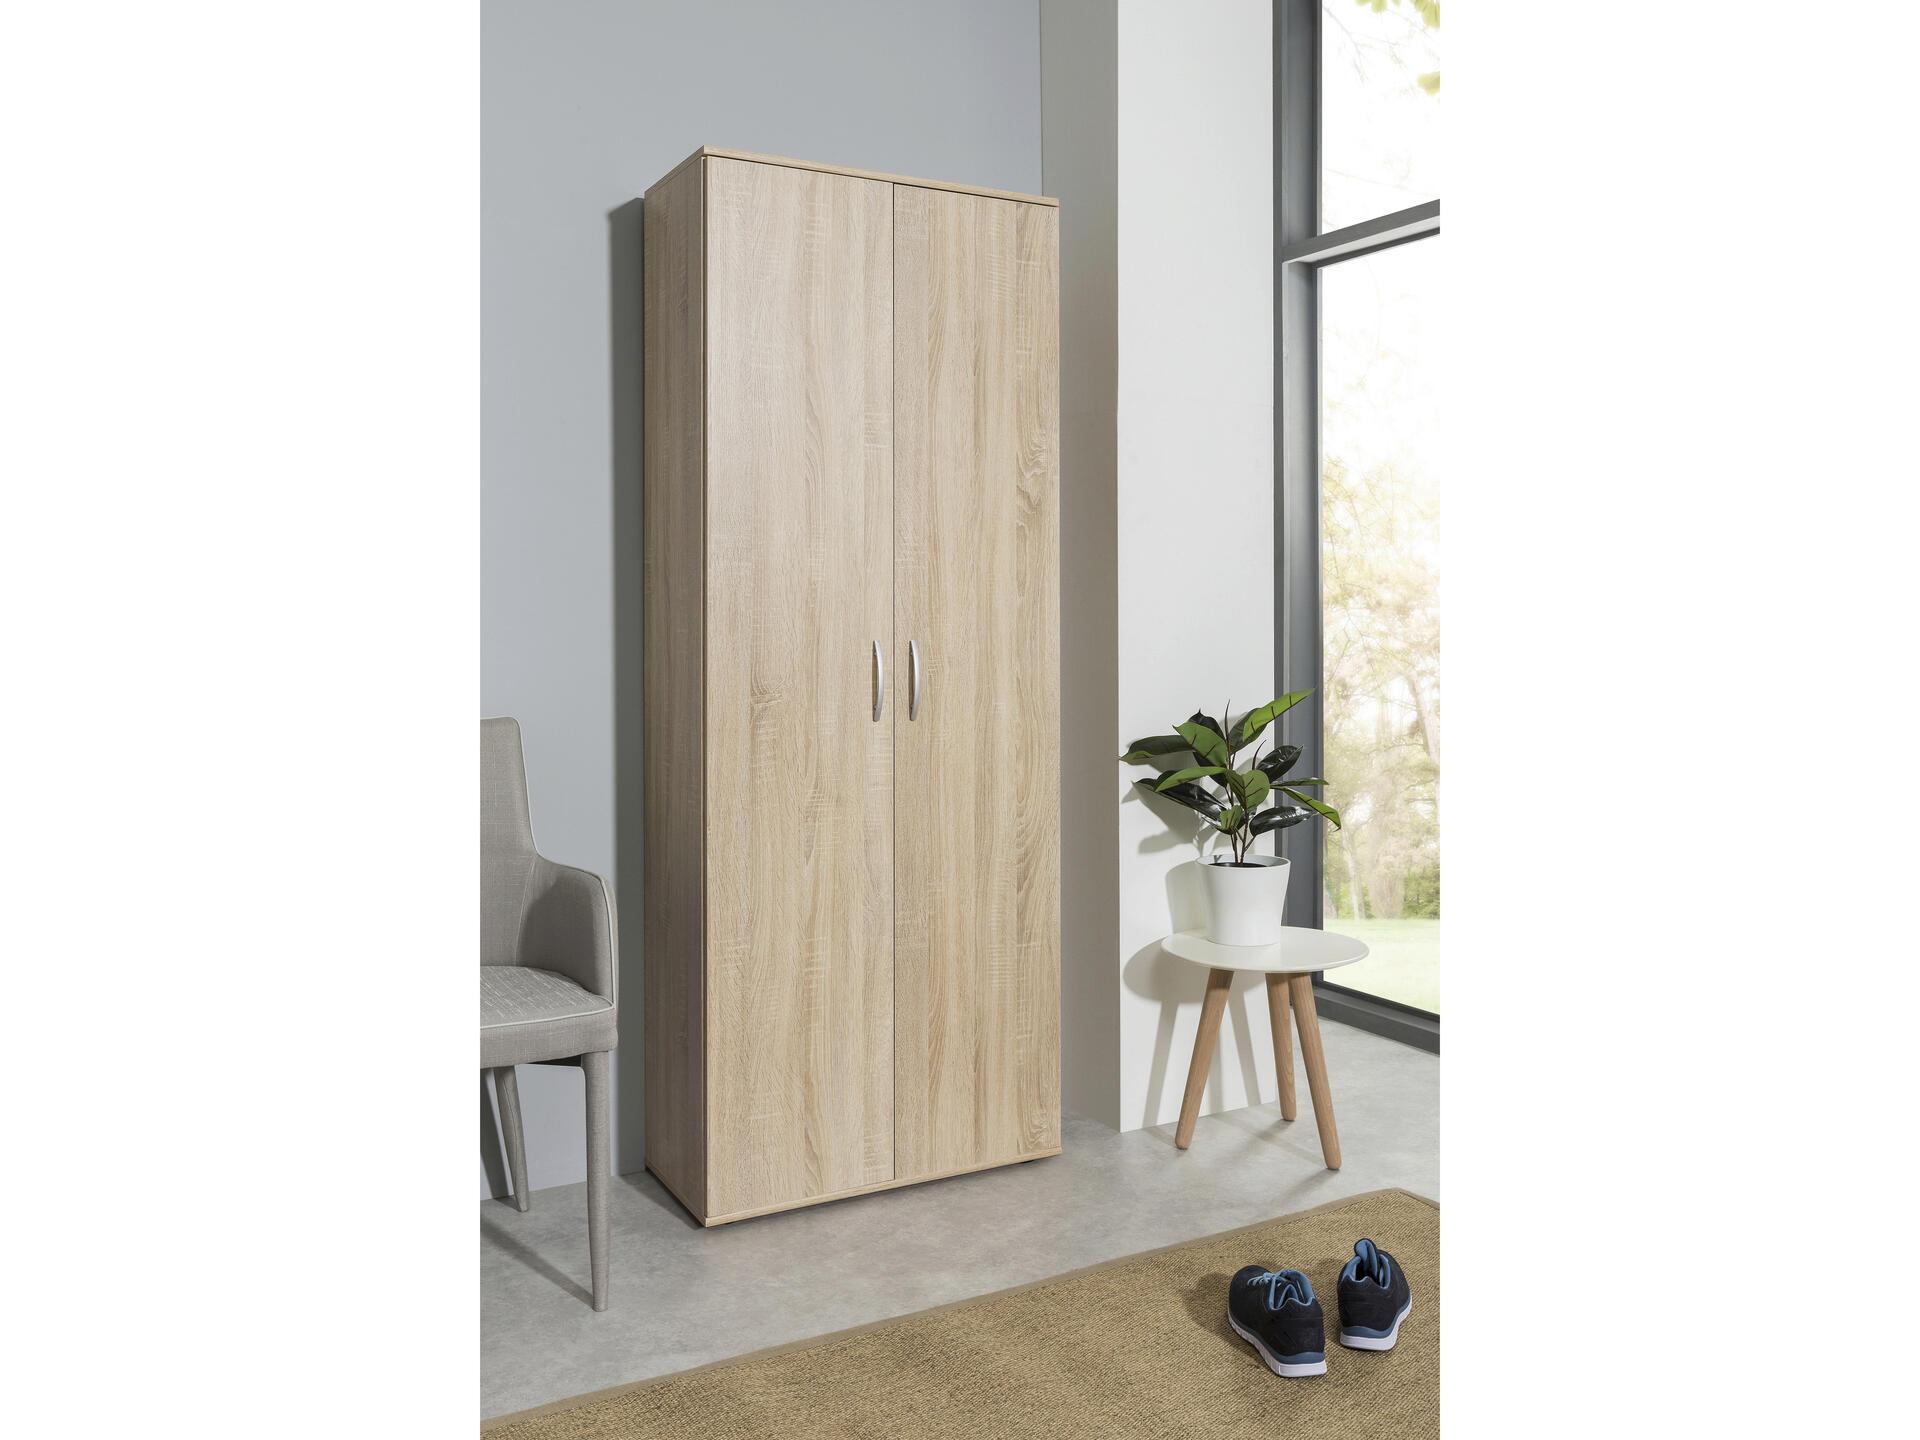 Practo Home armoire de rangement 70x187x34 cm chêne sonoma | Hubo